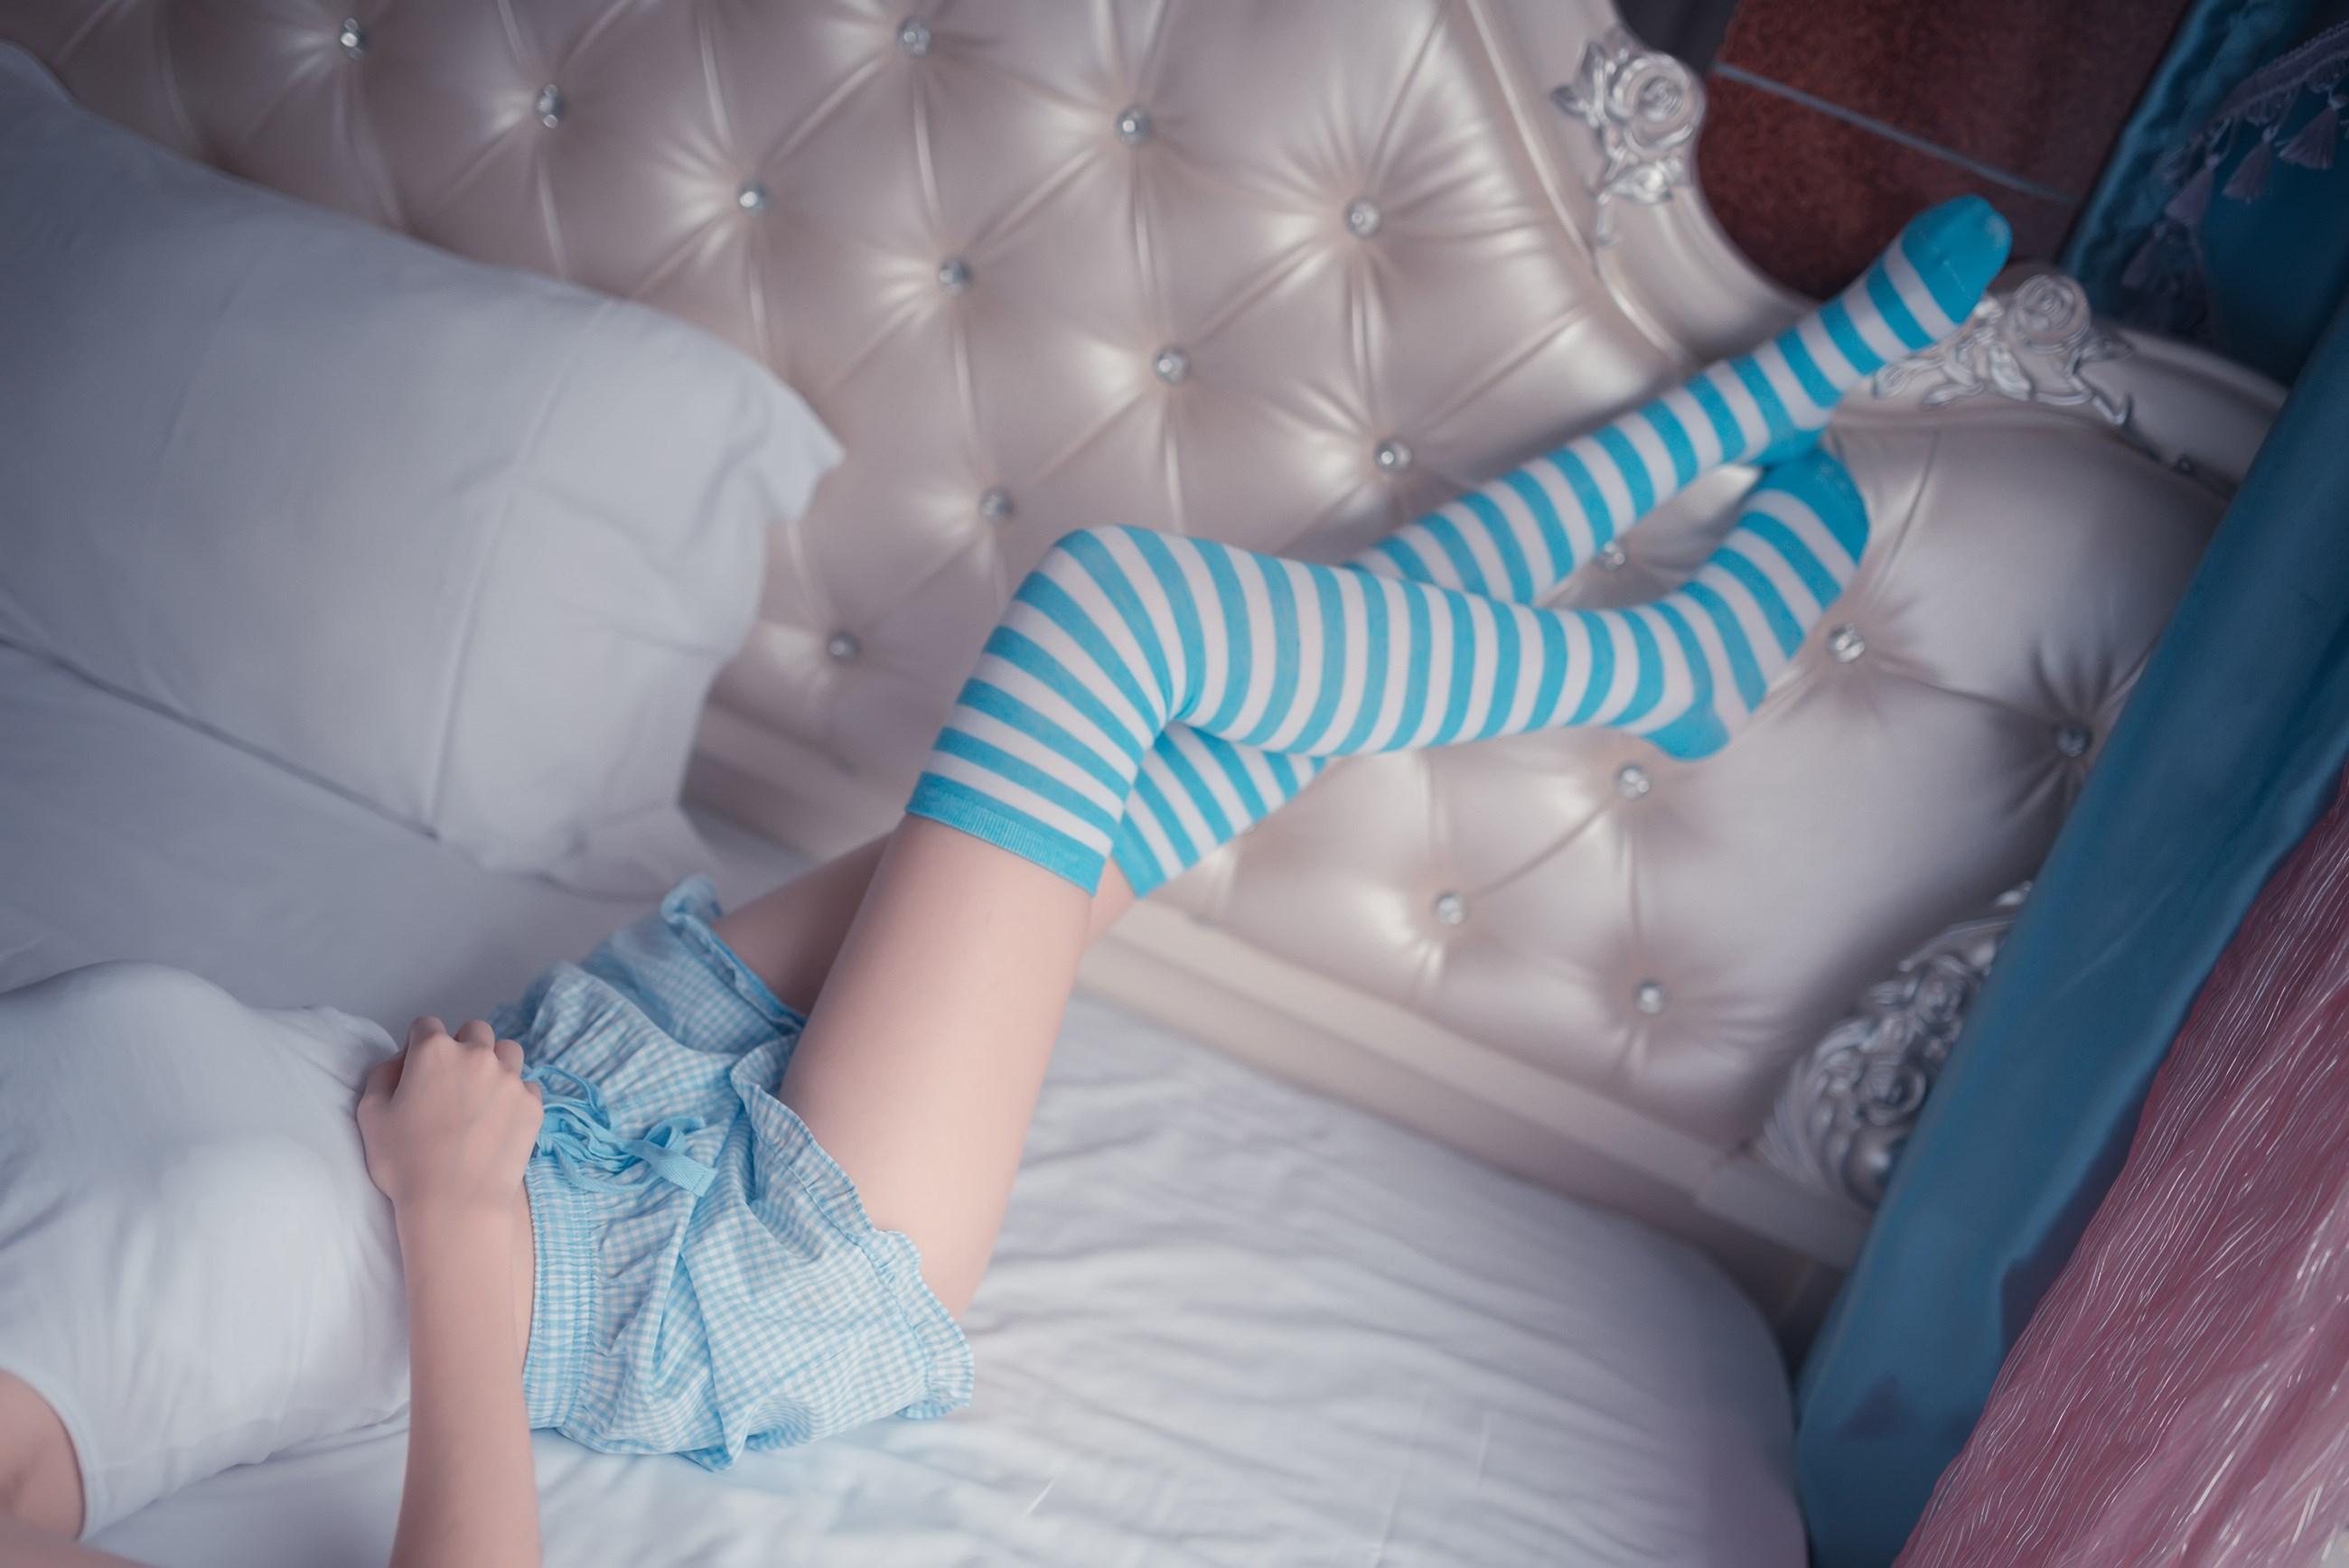 【兔玩映画】蓝白条纹 兔玩映画 第15张